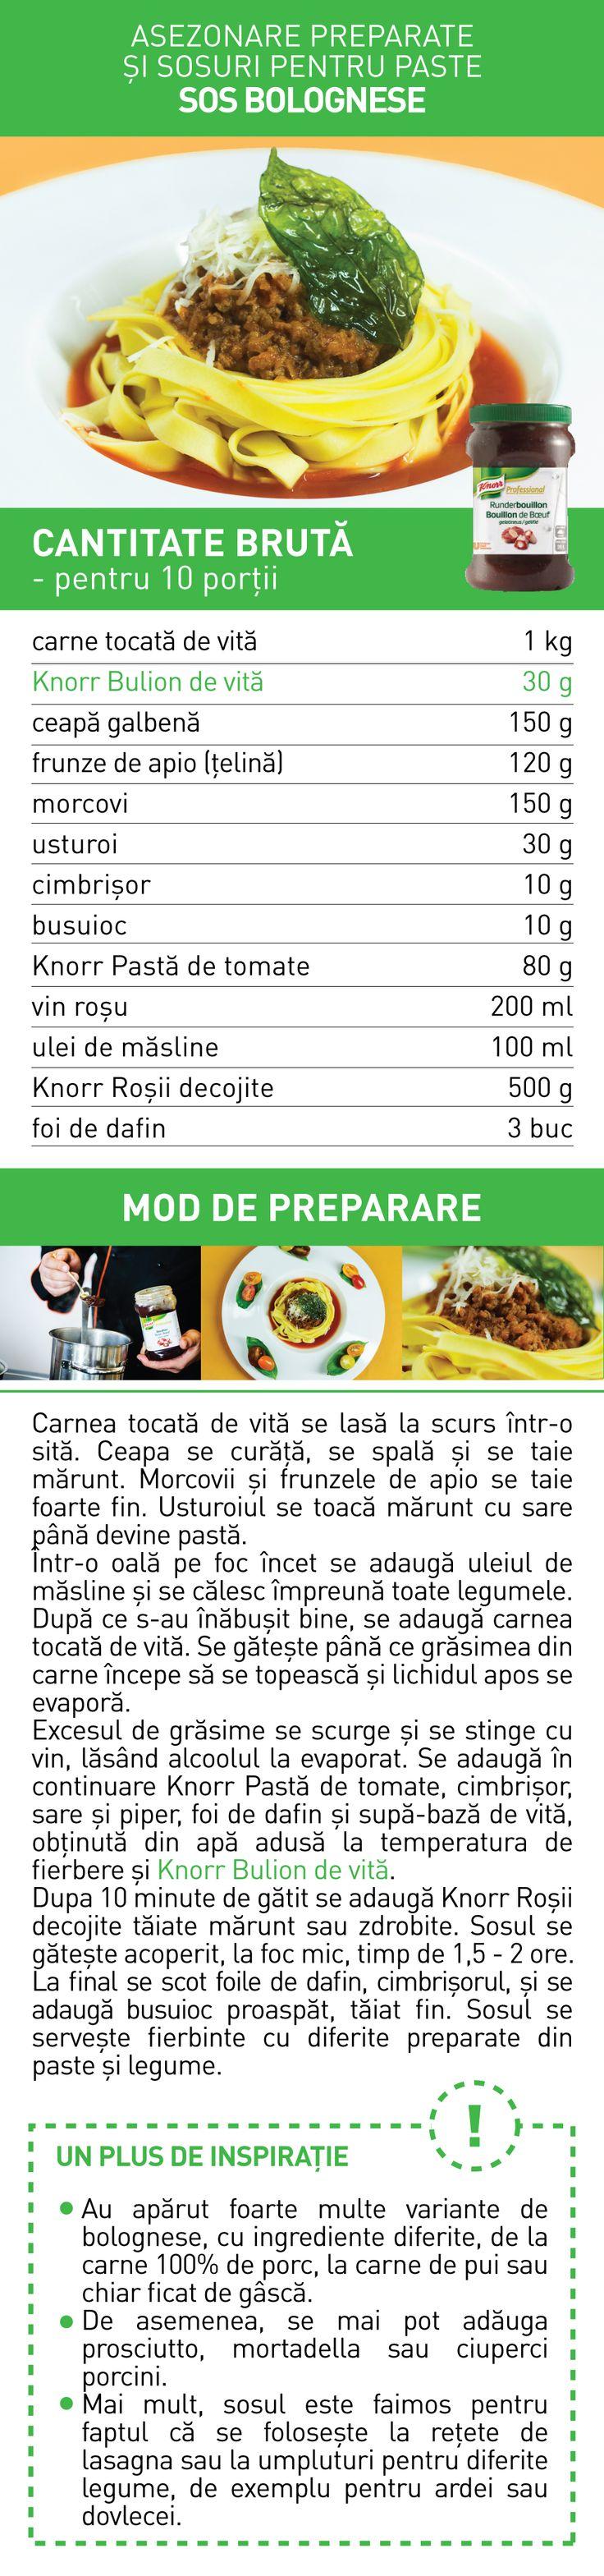 Asezonare preparate si sosuri pentru paste - RETETE